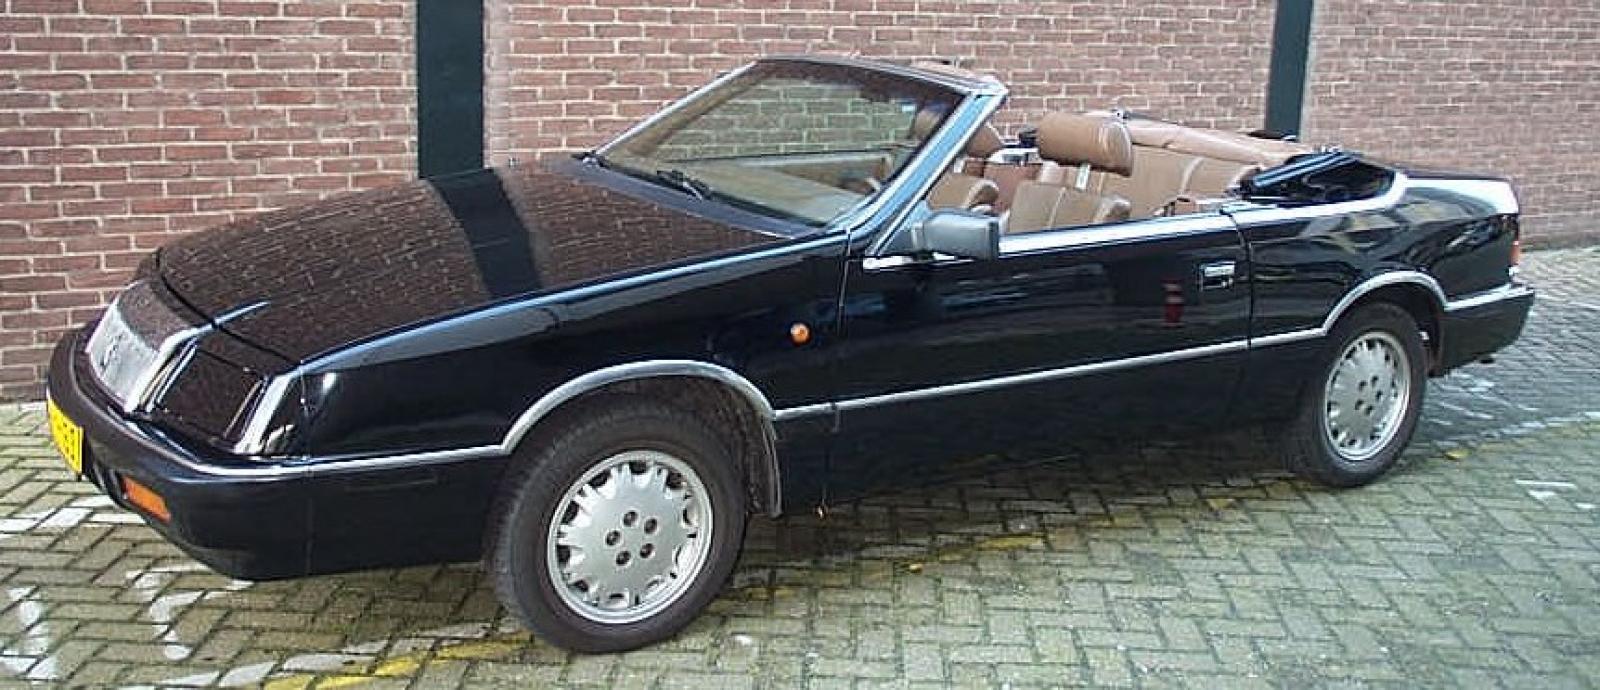 800 1024 1280 1600 Origin 1990 Chrysler